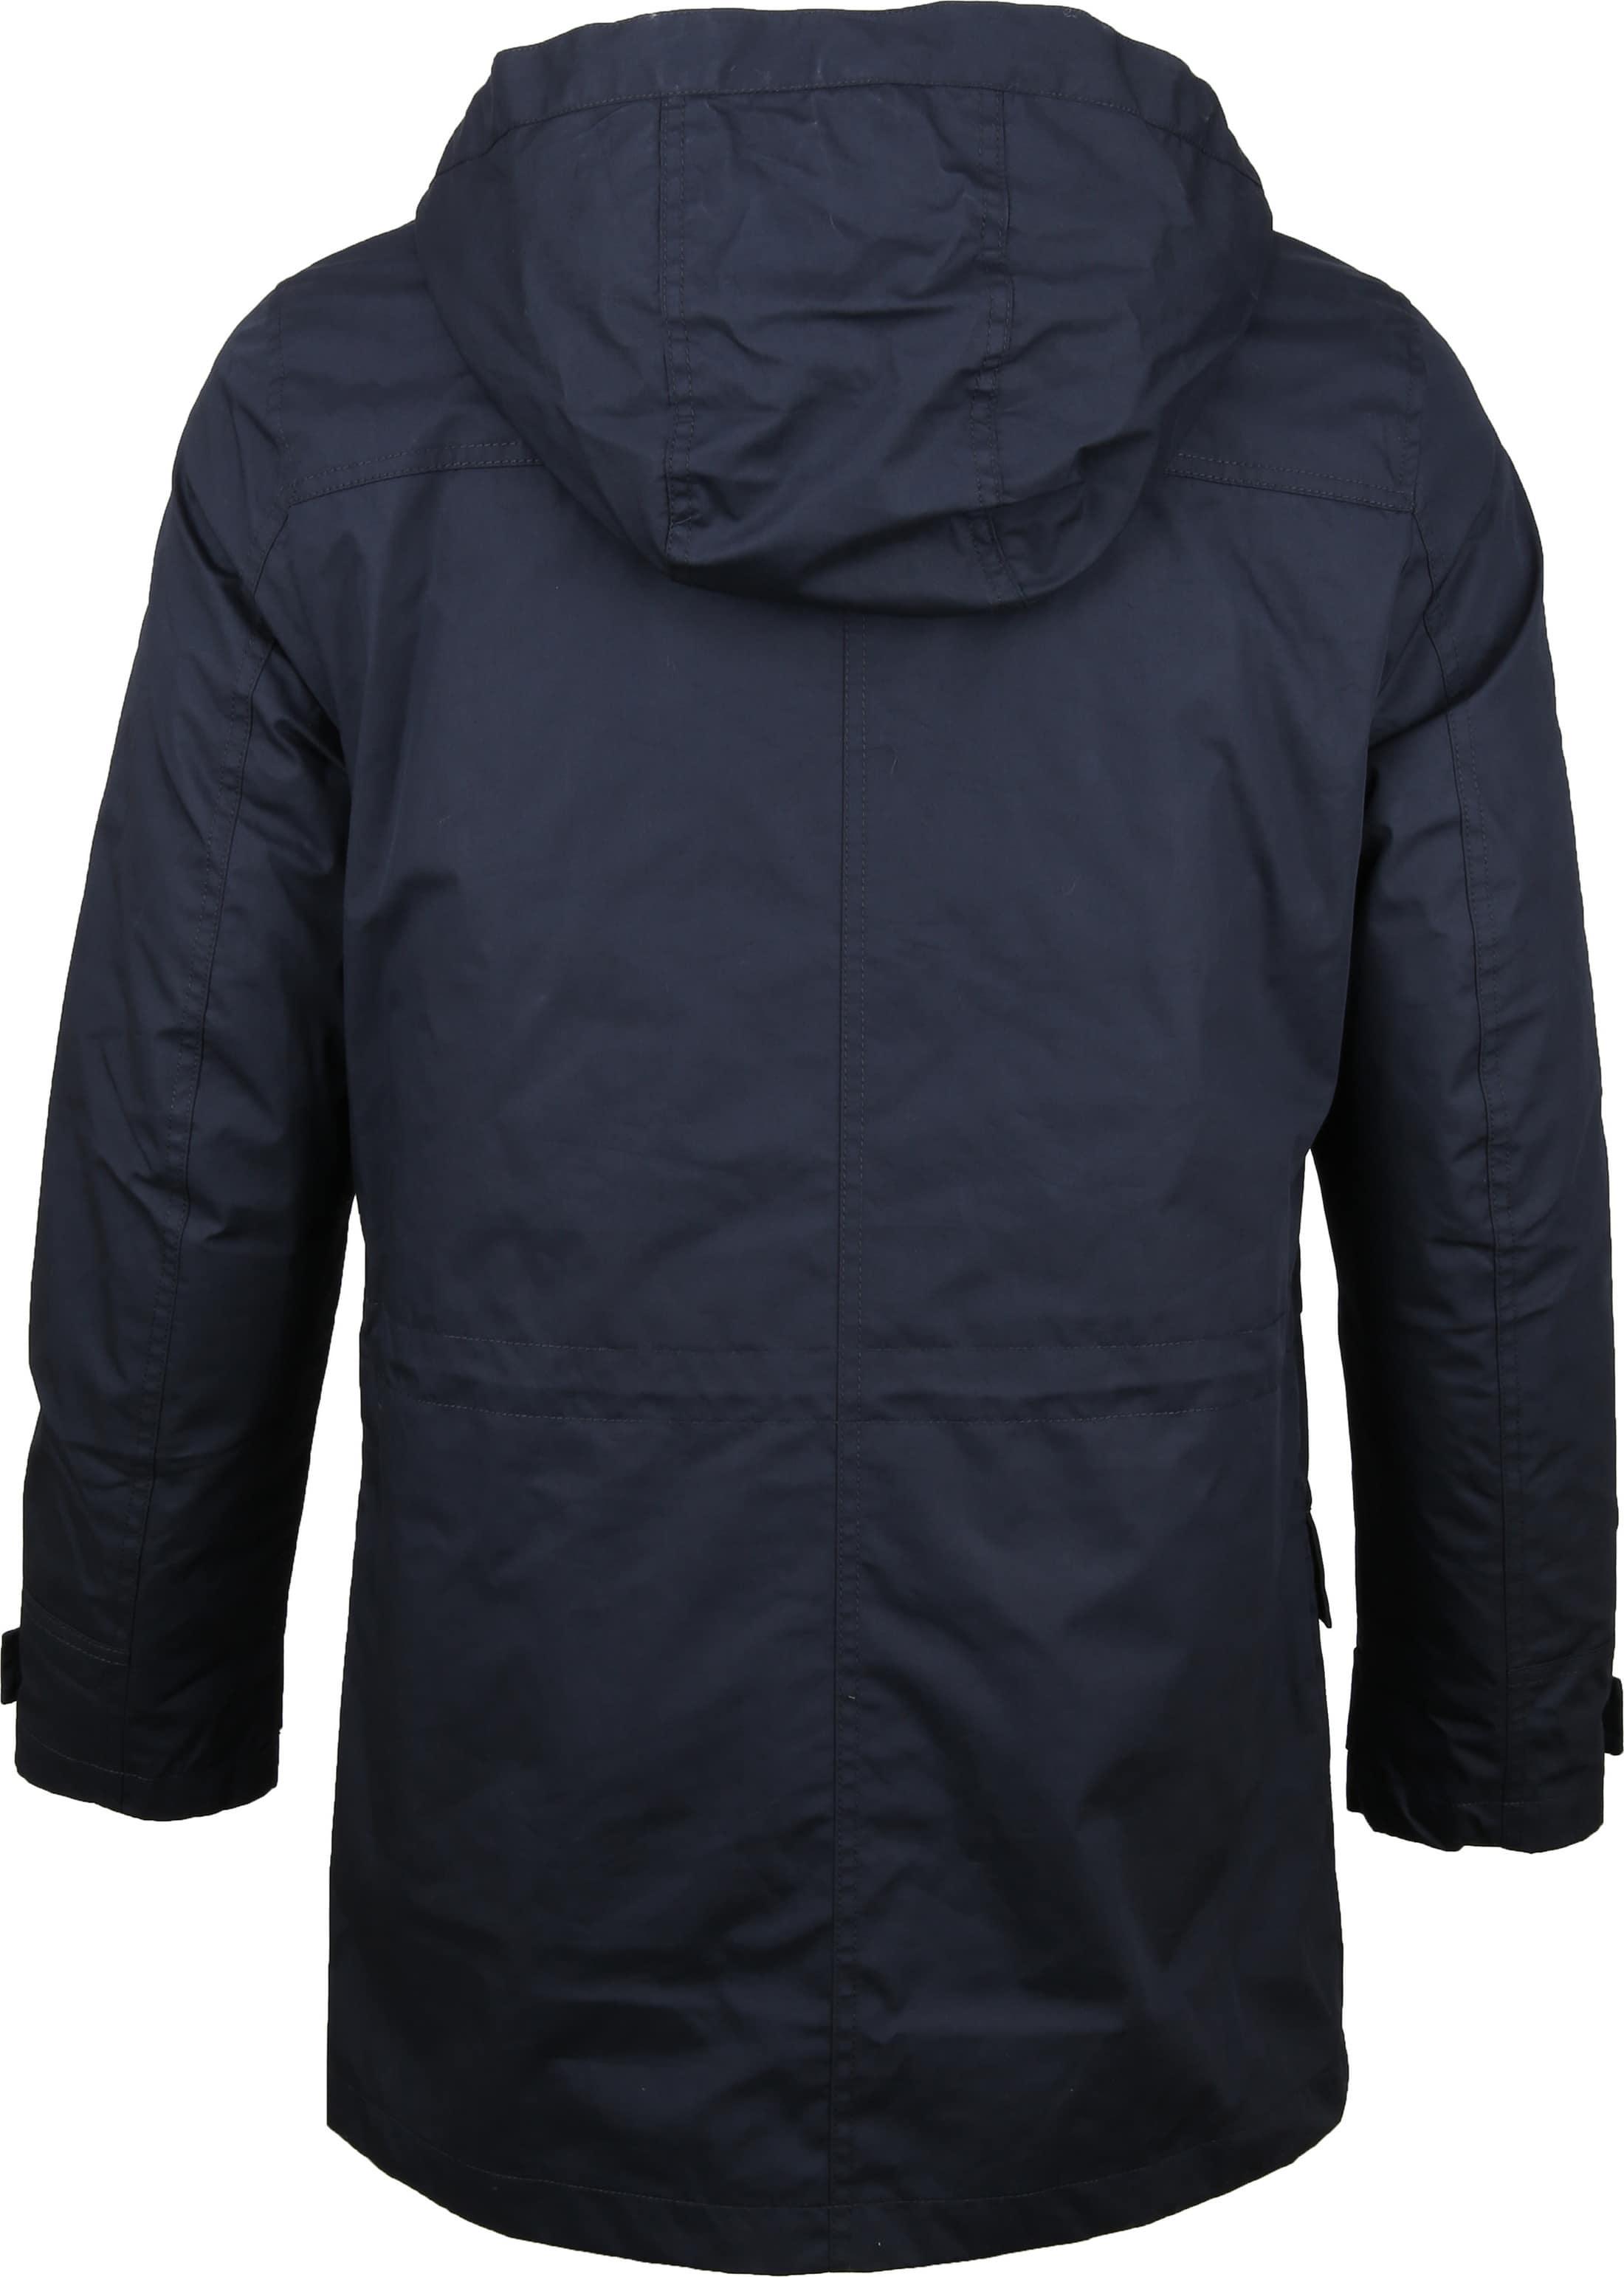 Suitable 2 in 1 Winterjas Waxed look Donkerblauw foto 7